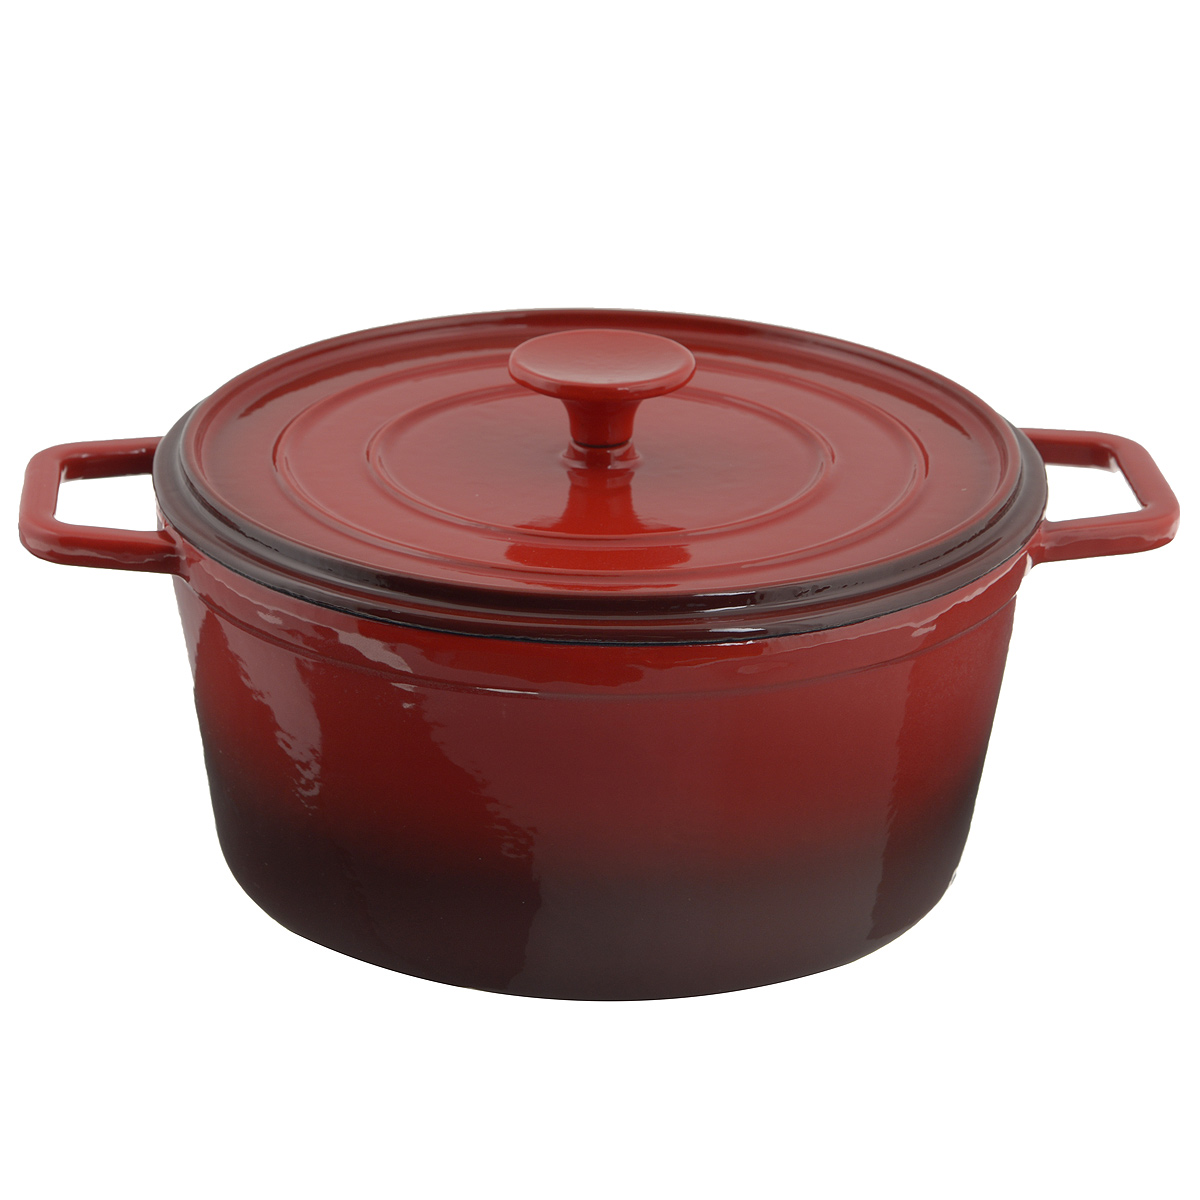 Кастрюля Mayer & Boch с крышкой, с эмалевым покрытием, 5 л20666Кастрюля Mayer & Boch, изготовленная из чугуна, идеально подходит для приготовления вкусных тушеных блюд. Она имеет внутреннее стекловидное эмалевое покрытие. Чугун является традиционным высокопрочным, экологически чистым материалом. Причем, чем дольше и чаще вы пользуетесь этой посудой, тем лучше становятся ее свойства. Высокая теплоемкость чугуна позволяет ему сильно нагреваться и медленно остывать, а это в свою очередь обеспечивает равномерное приготовление пищи. Чугун не вступает в какие-либо химические реакции с пищей в процессе приготовления и хранения, а плотное покрытие - безупречное препятствие для бактерий и запахов. Пища, приготовленная в чугунной посуде, благодаря экологической чистоте материала не может нанести вред здоровью человека. Кастрюля оснащена двумя удобными ручками. Крышка изготовлена из чугуна. Она плотно прилегает к краю казана, сохраняя аромат блюд. Можно использовать в духовом шкафу. Нельзя мыть в посудомоечной машине. Высота стенки: 12 см.Толщина стенки: 5 мм.Толщина дна: 6 мм.Ширина кастрюли (с учетом ручек): 34 см.